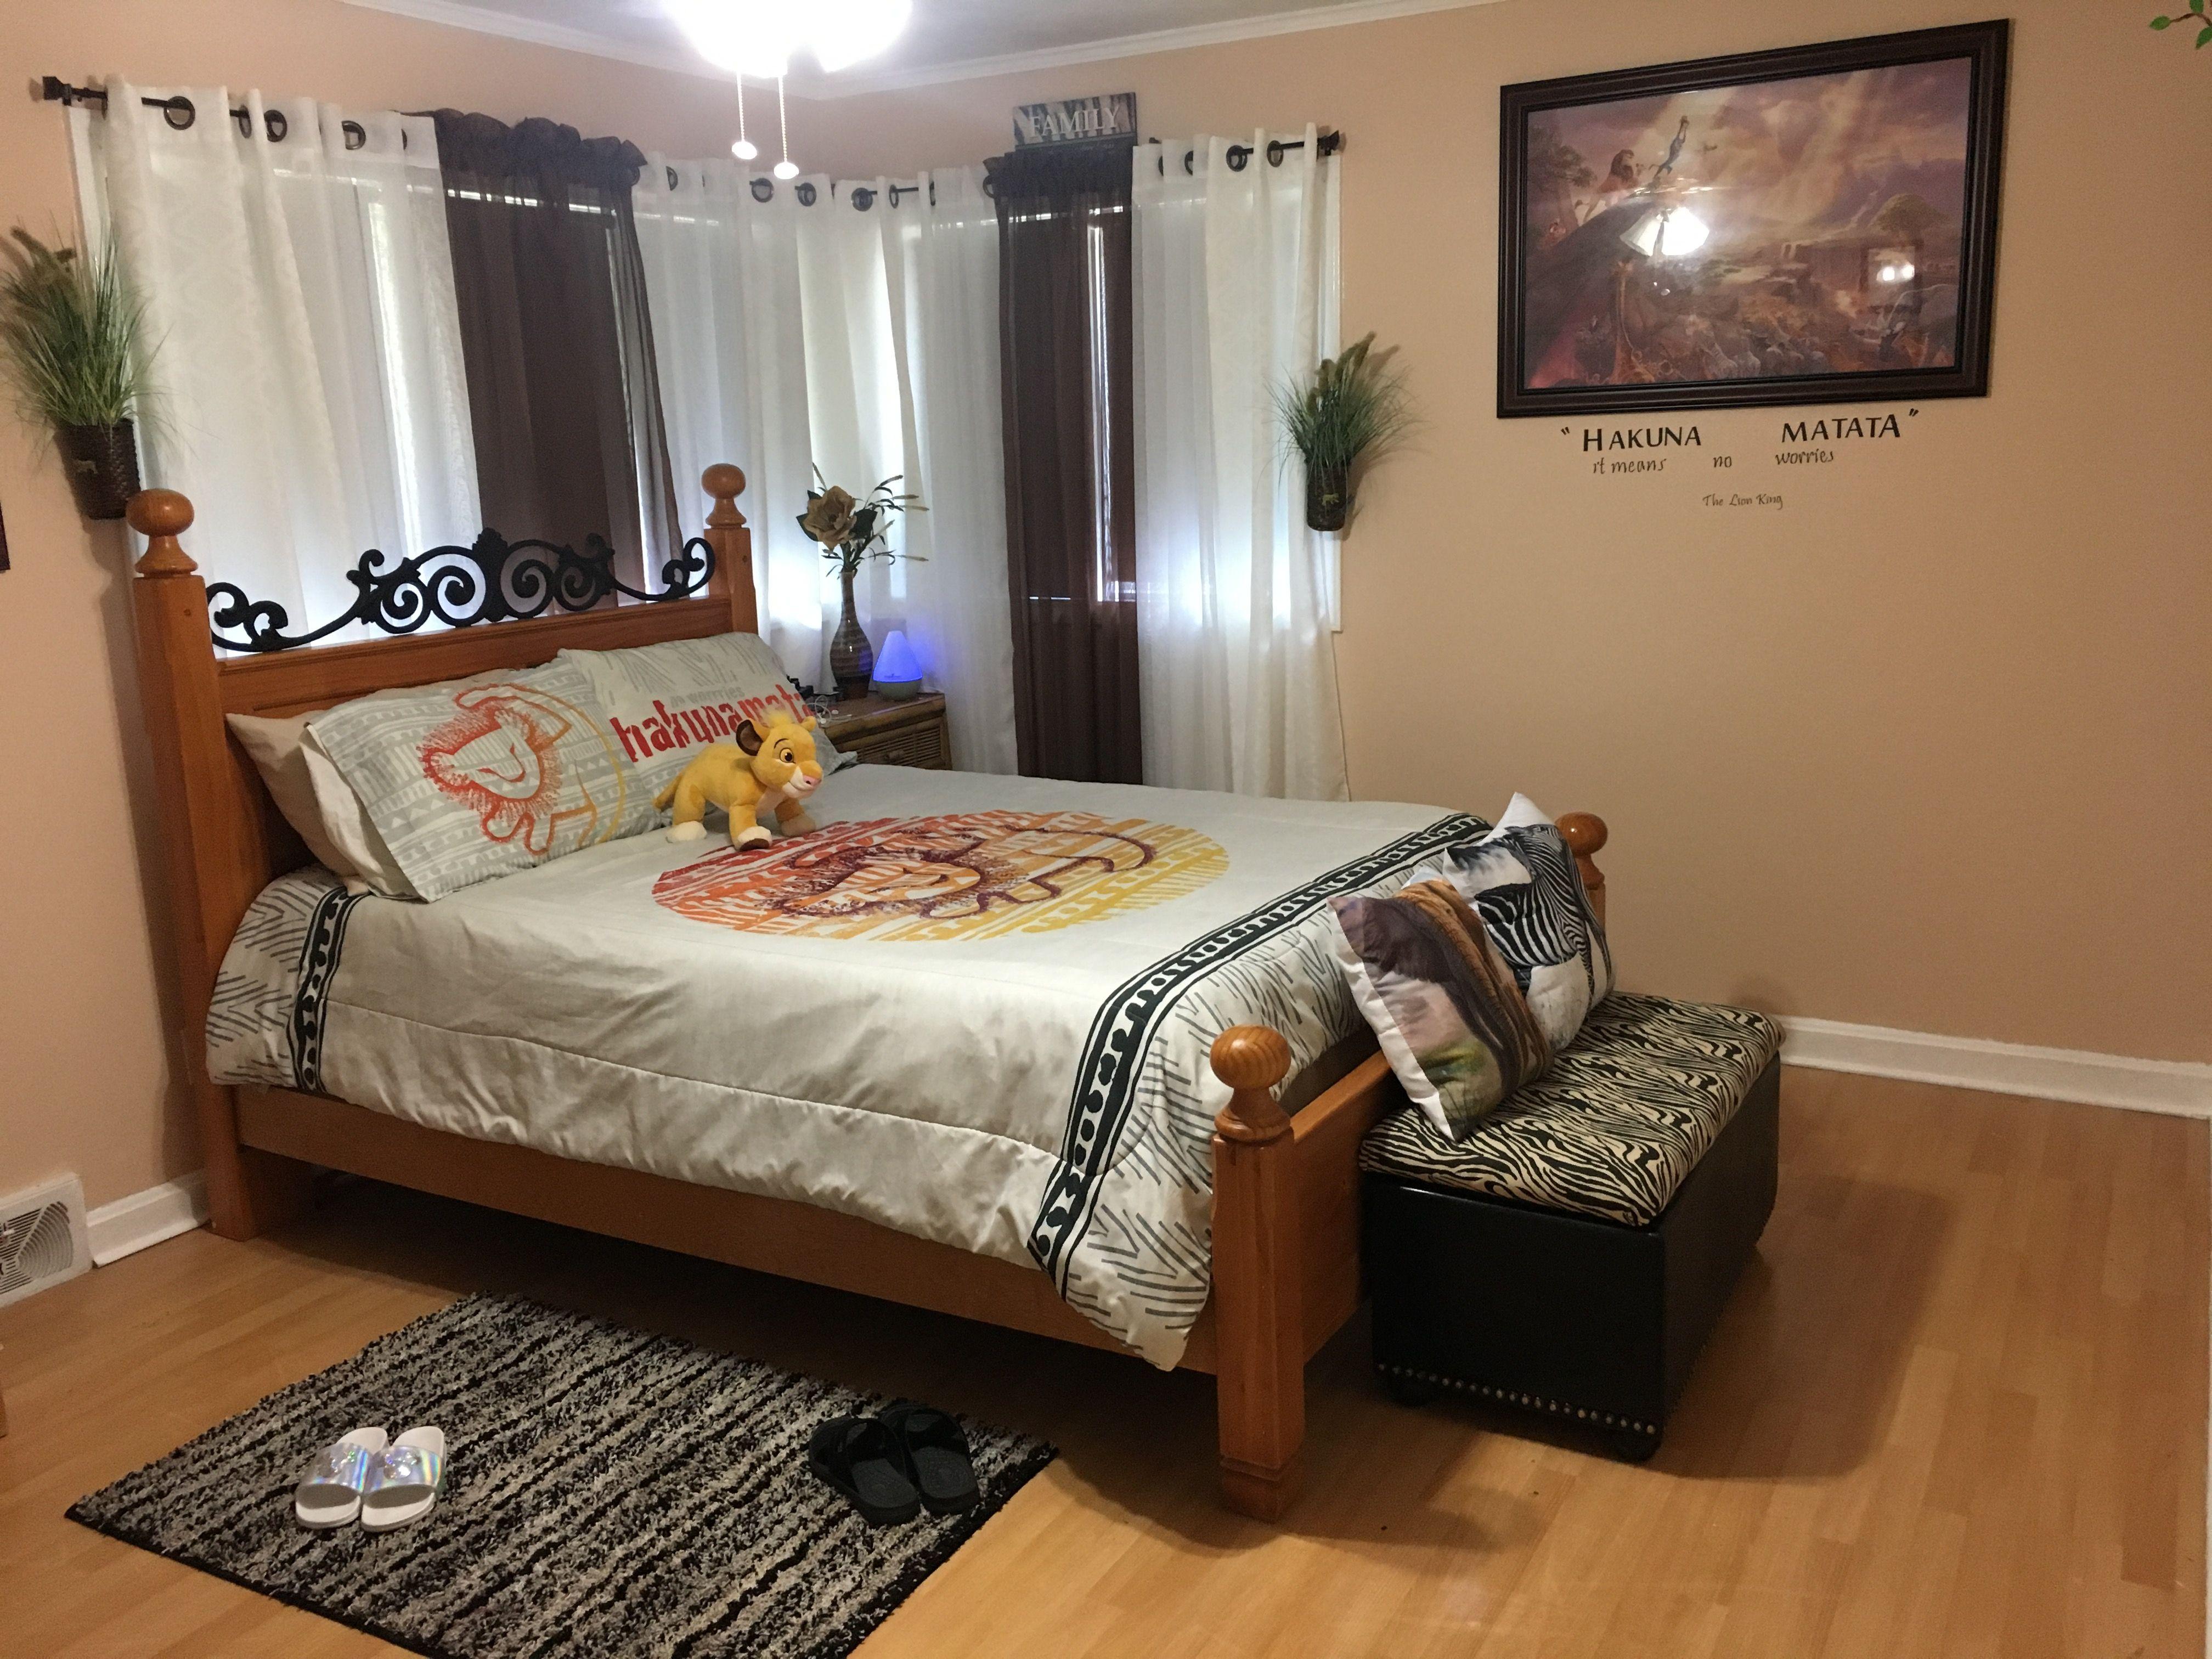 Lion king bedroom | King bedroom, Home decor, Furniture